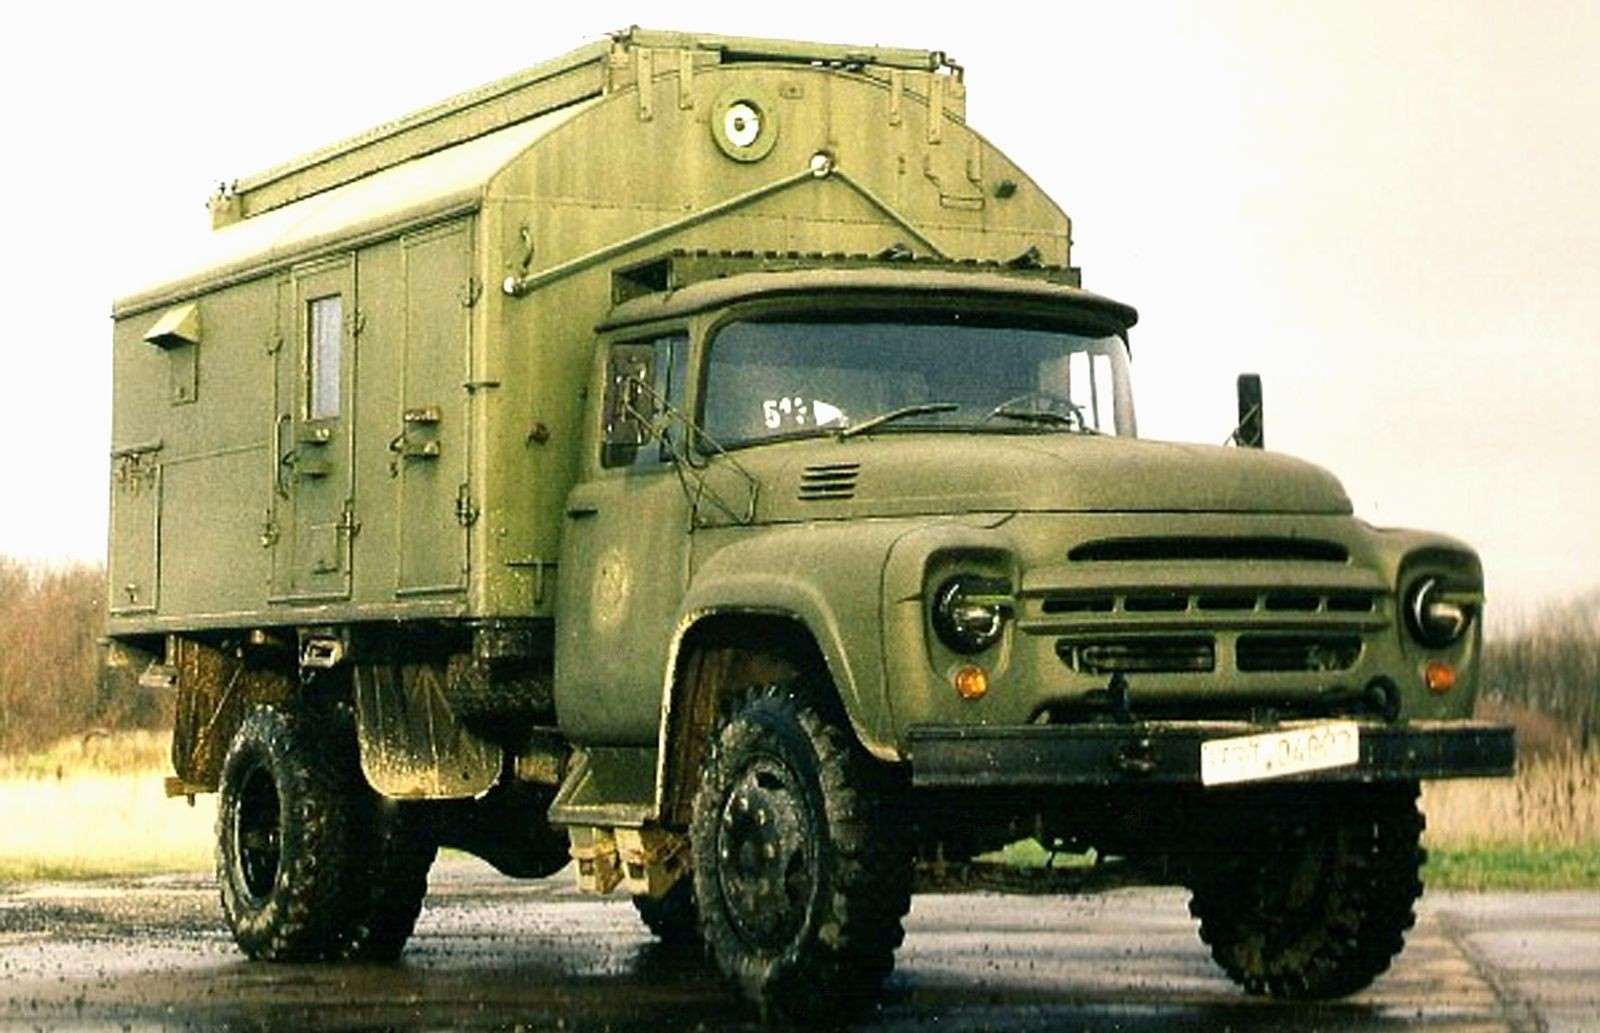 Скромный младший брат с сотней военных профессий: армейское оборудование на грузовиках ЗИЛ-130